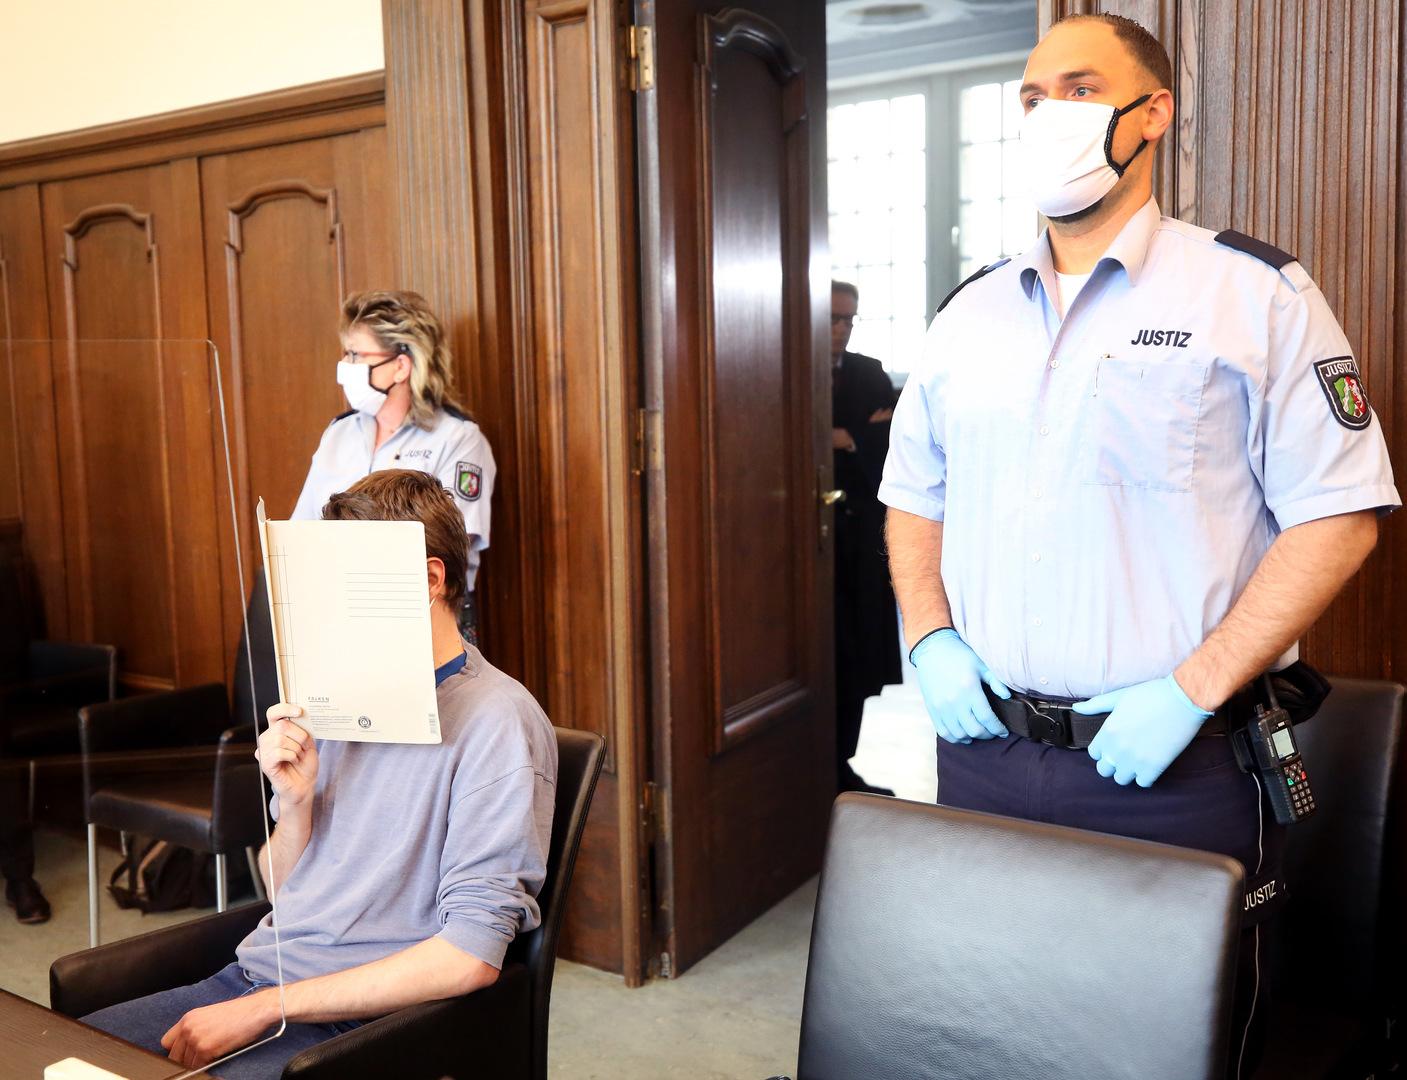 Bundesweiter Missbrauchsfall an Kleinkindern: Geschlossene Psychiatrie für Bundeswehrsoldaten